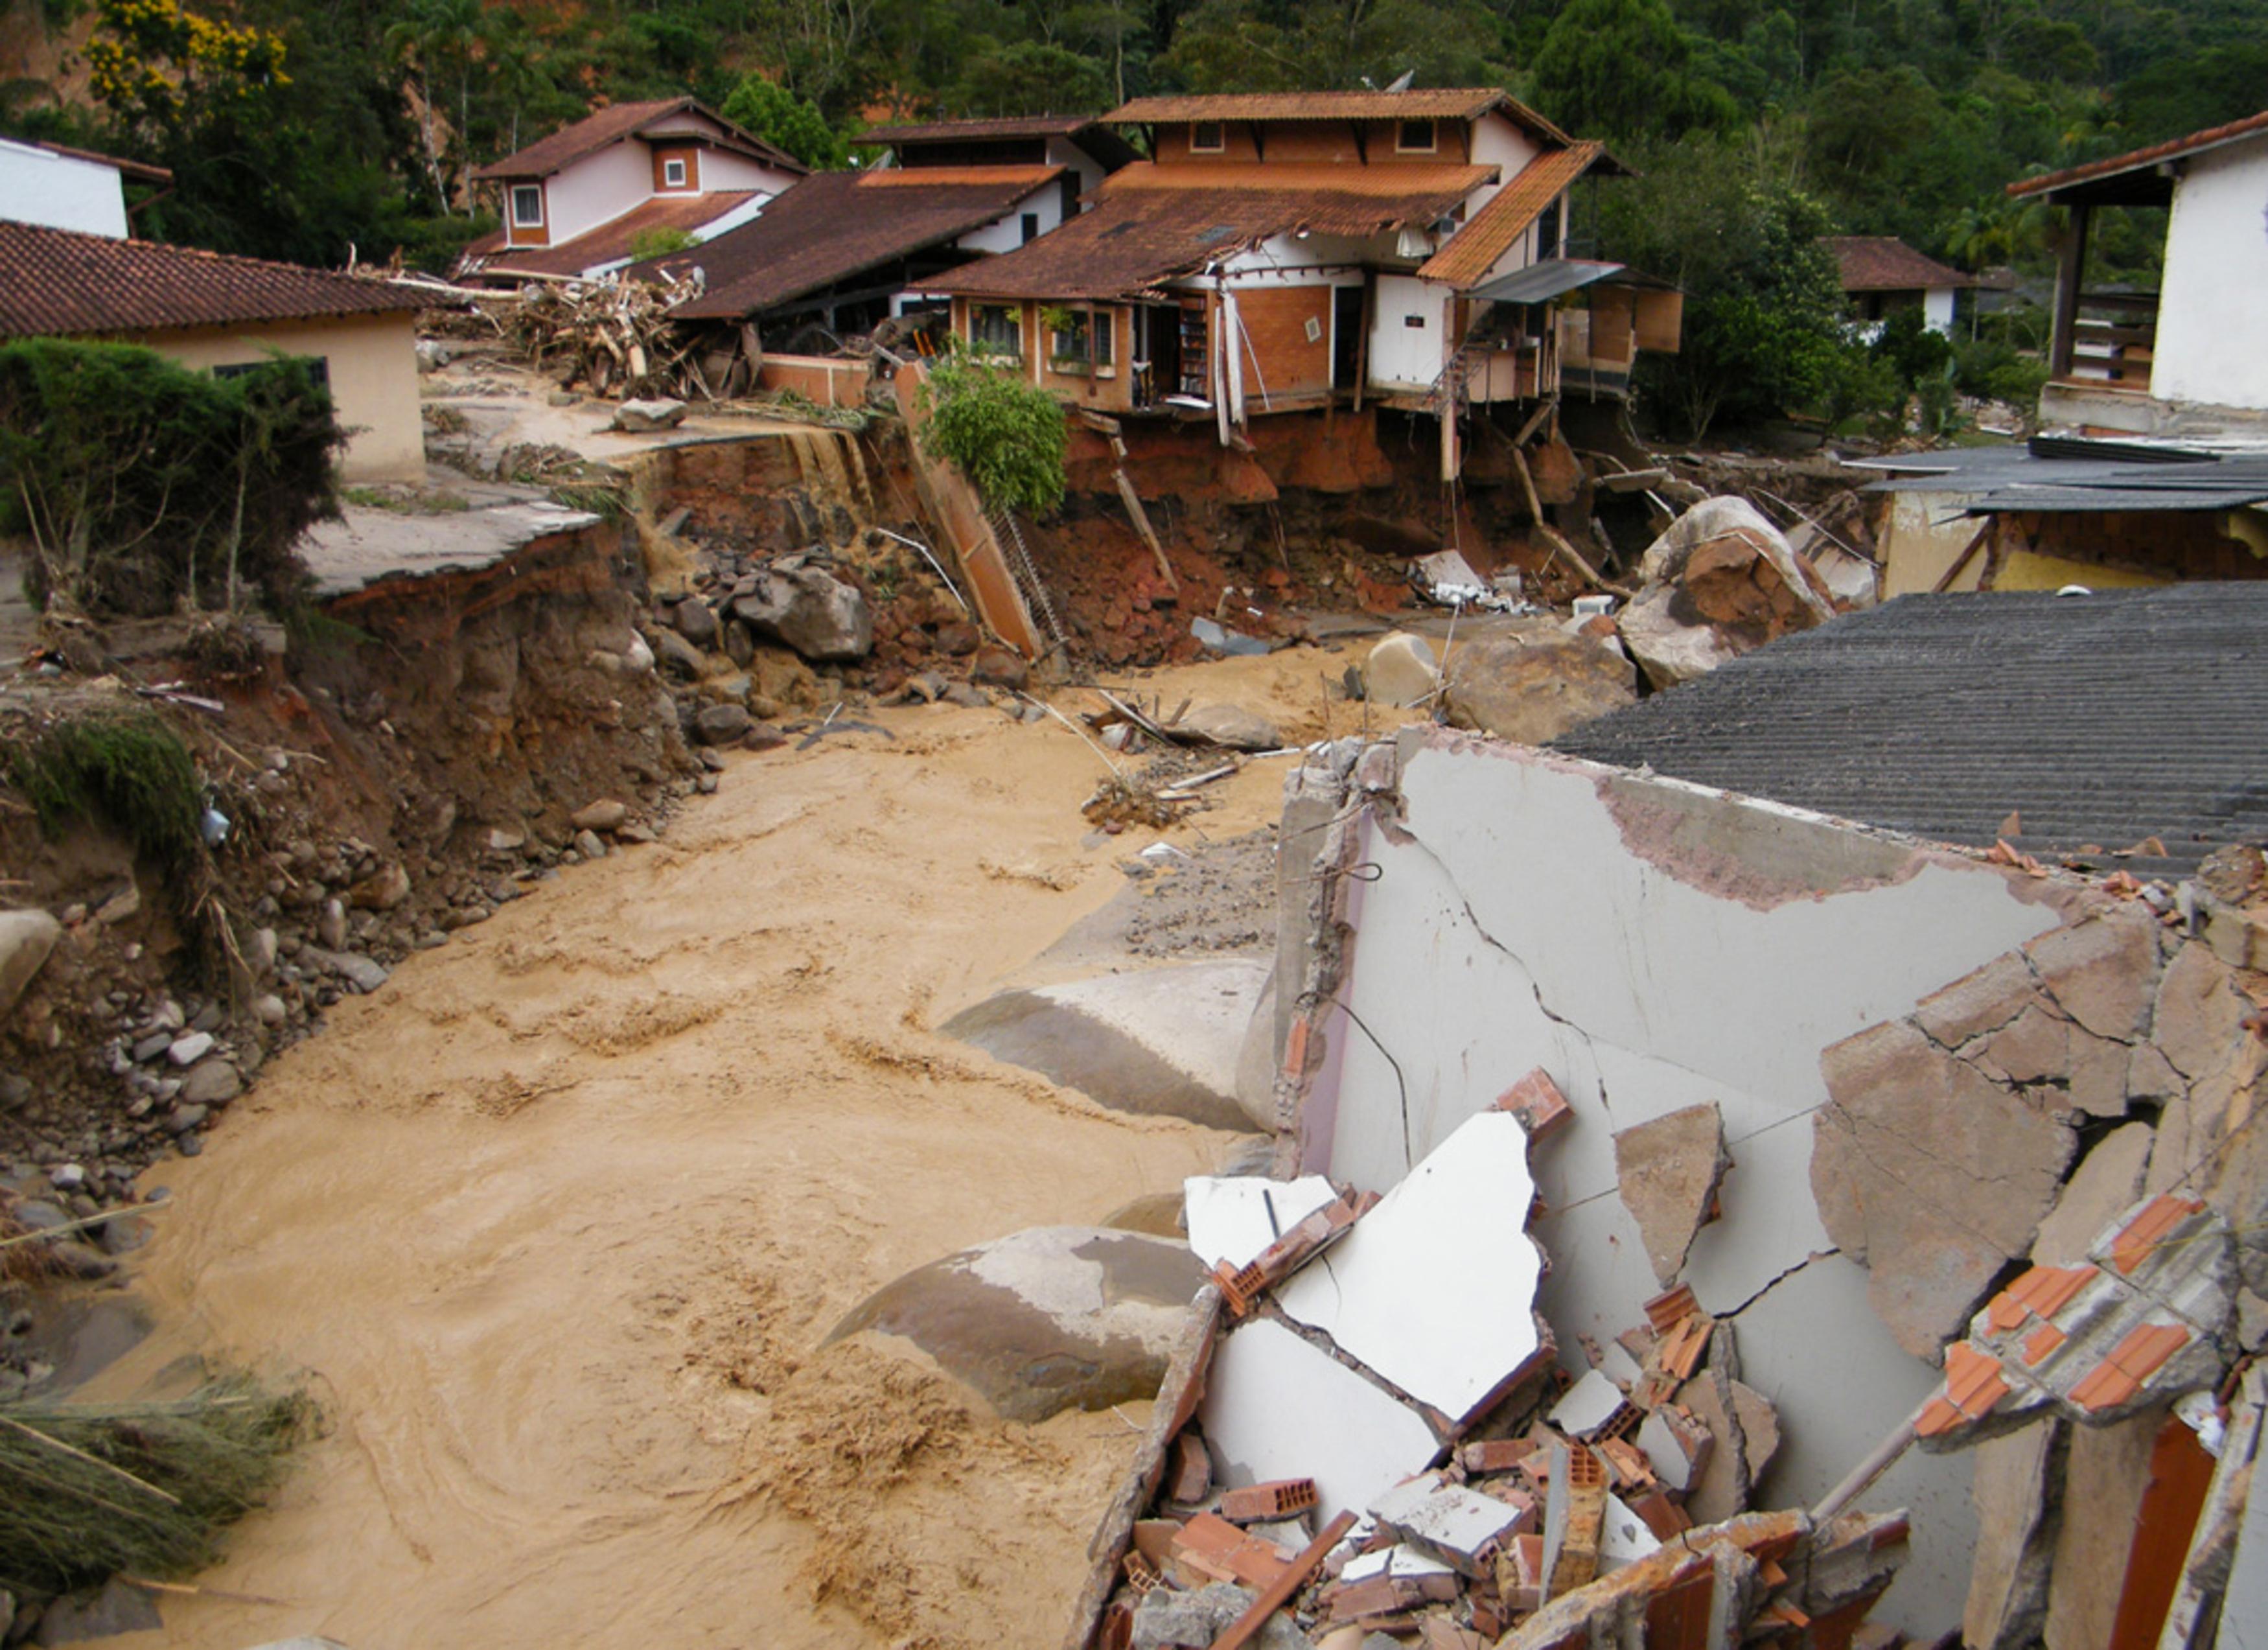 Enchentes e deslizamentos de terra no Rio de Janeiro em 2011 – Wikipédia, a  enciclopédia livre